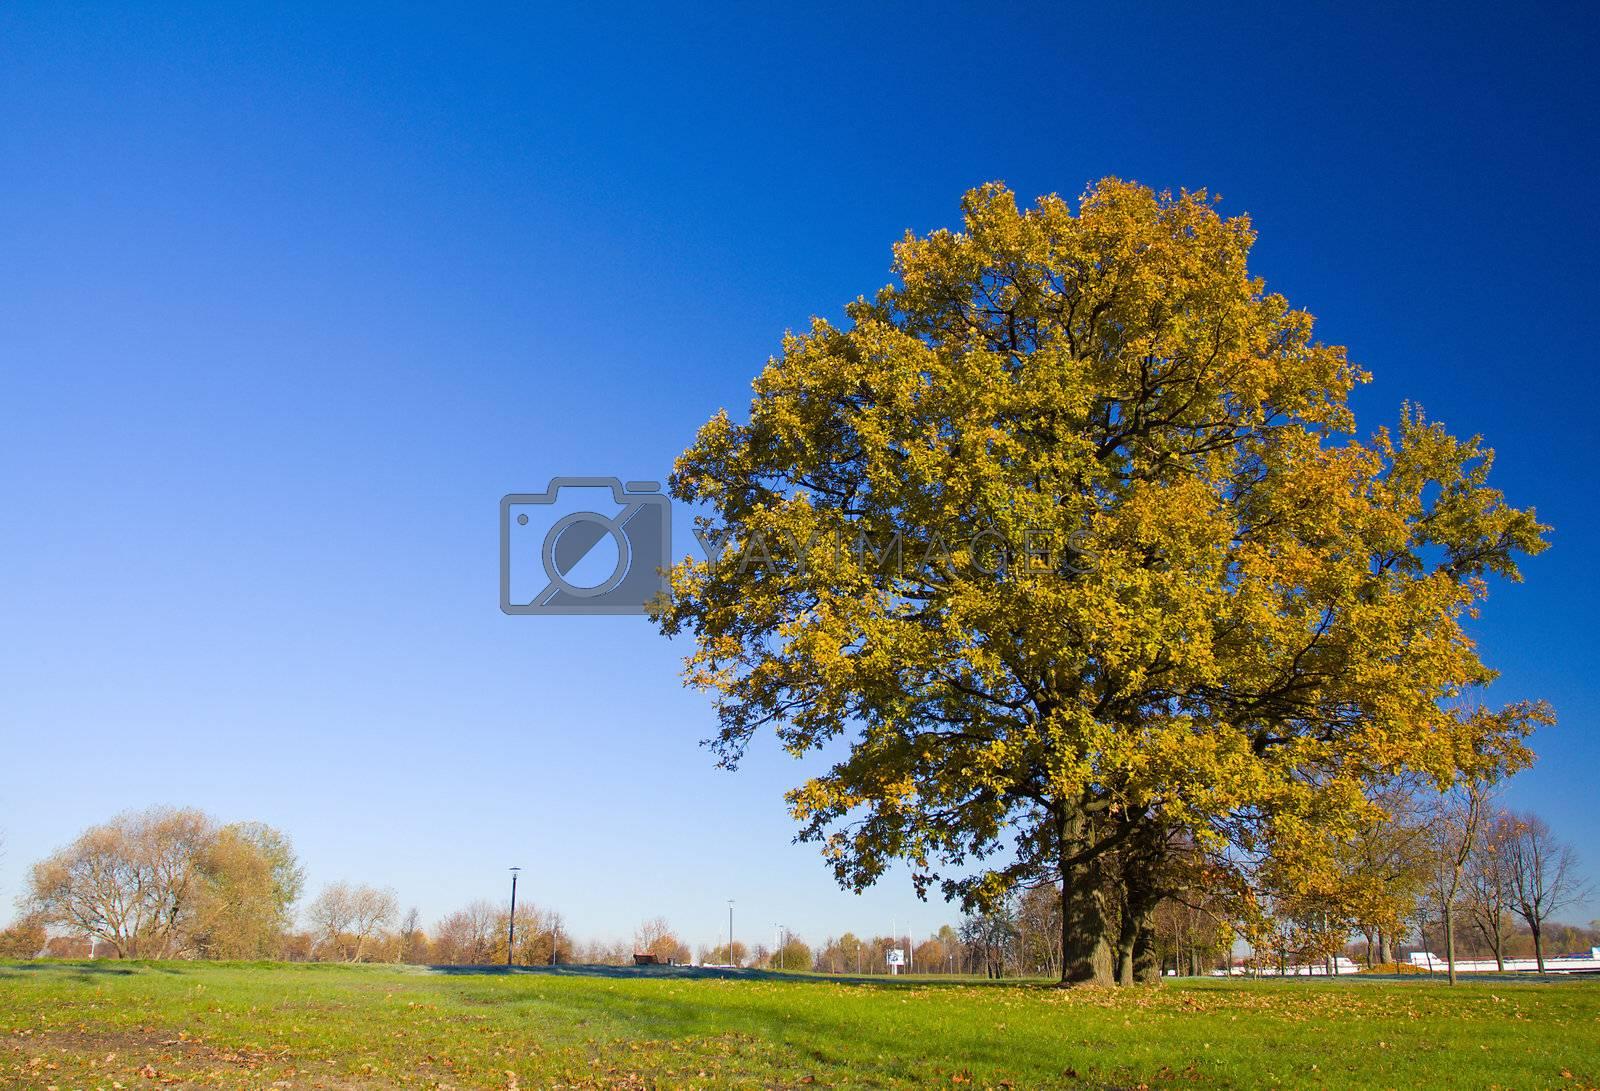 lonely oak tree in autumn